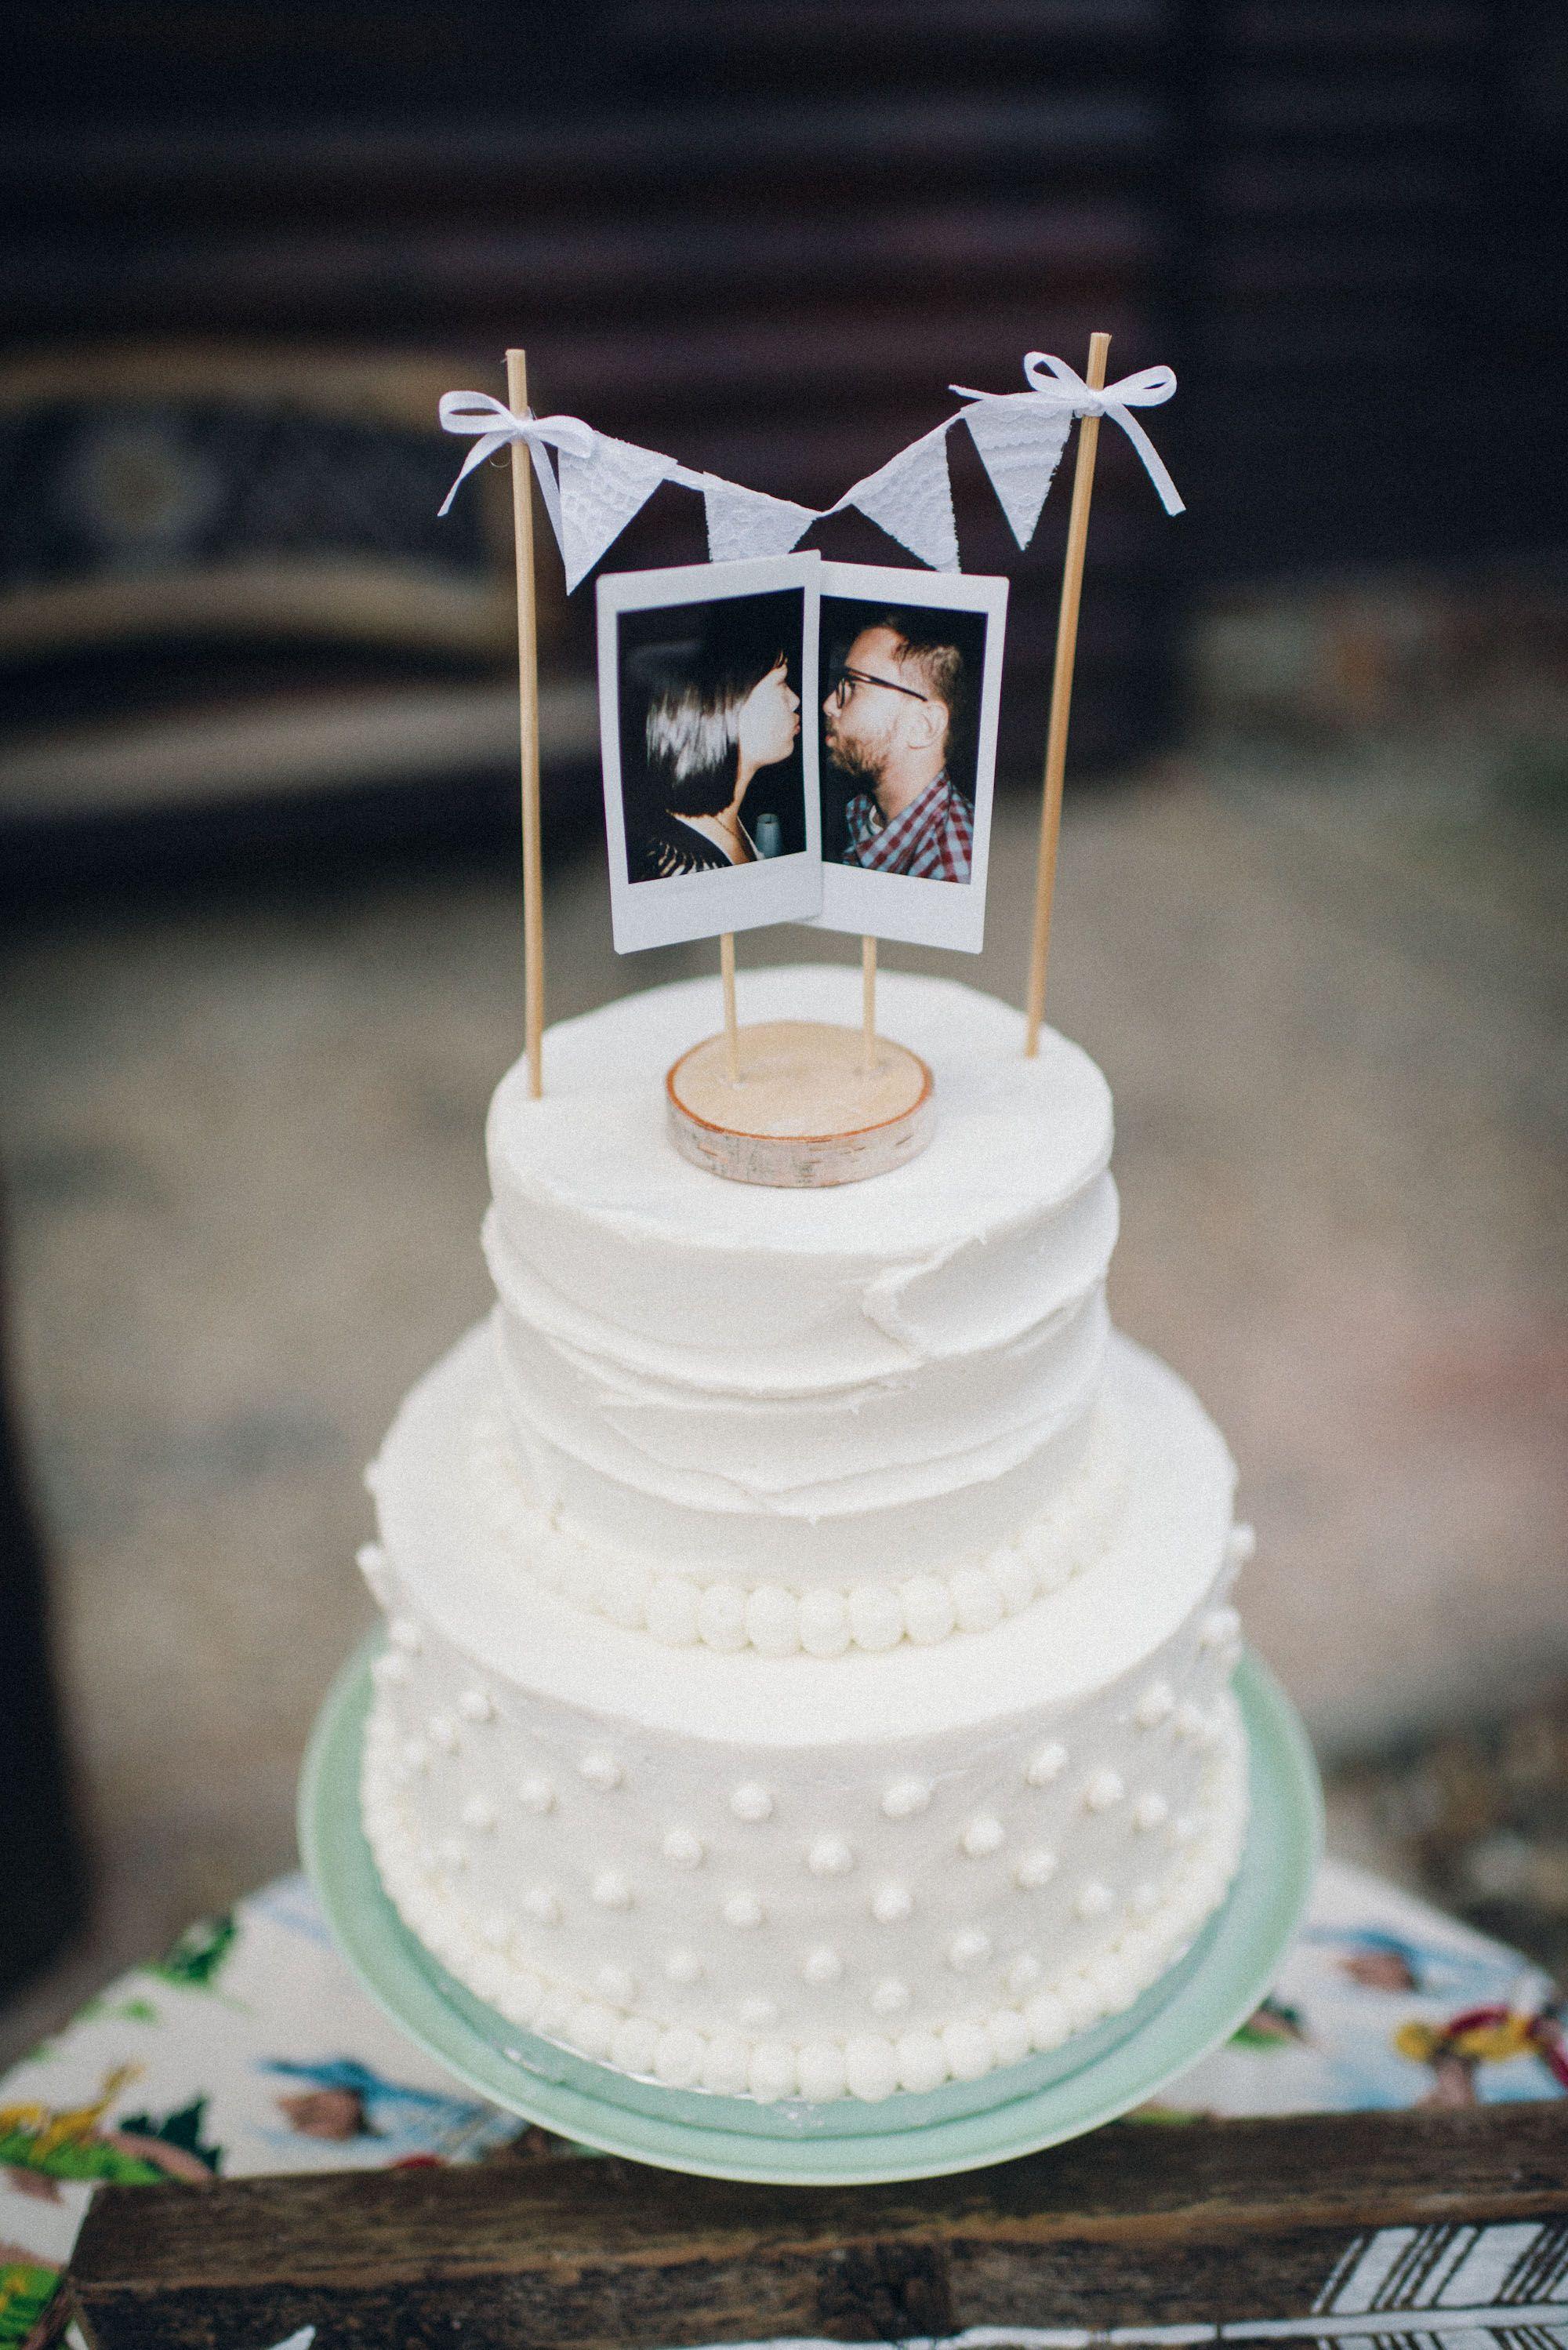 Vintage Inspired Polaroid Cake Topper Statt ser doofen